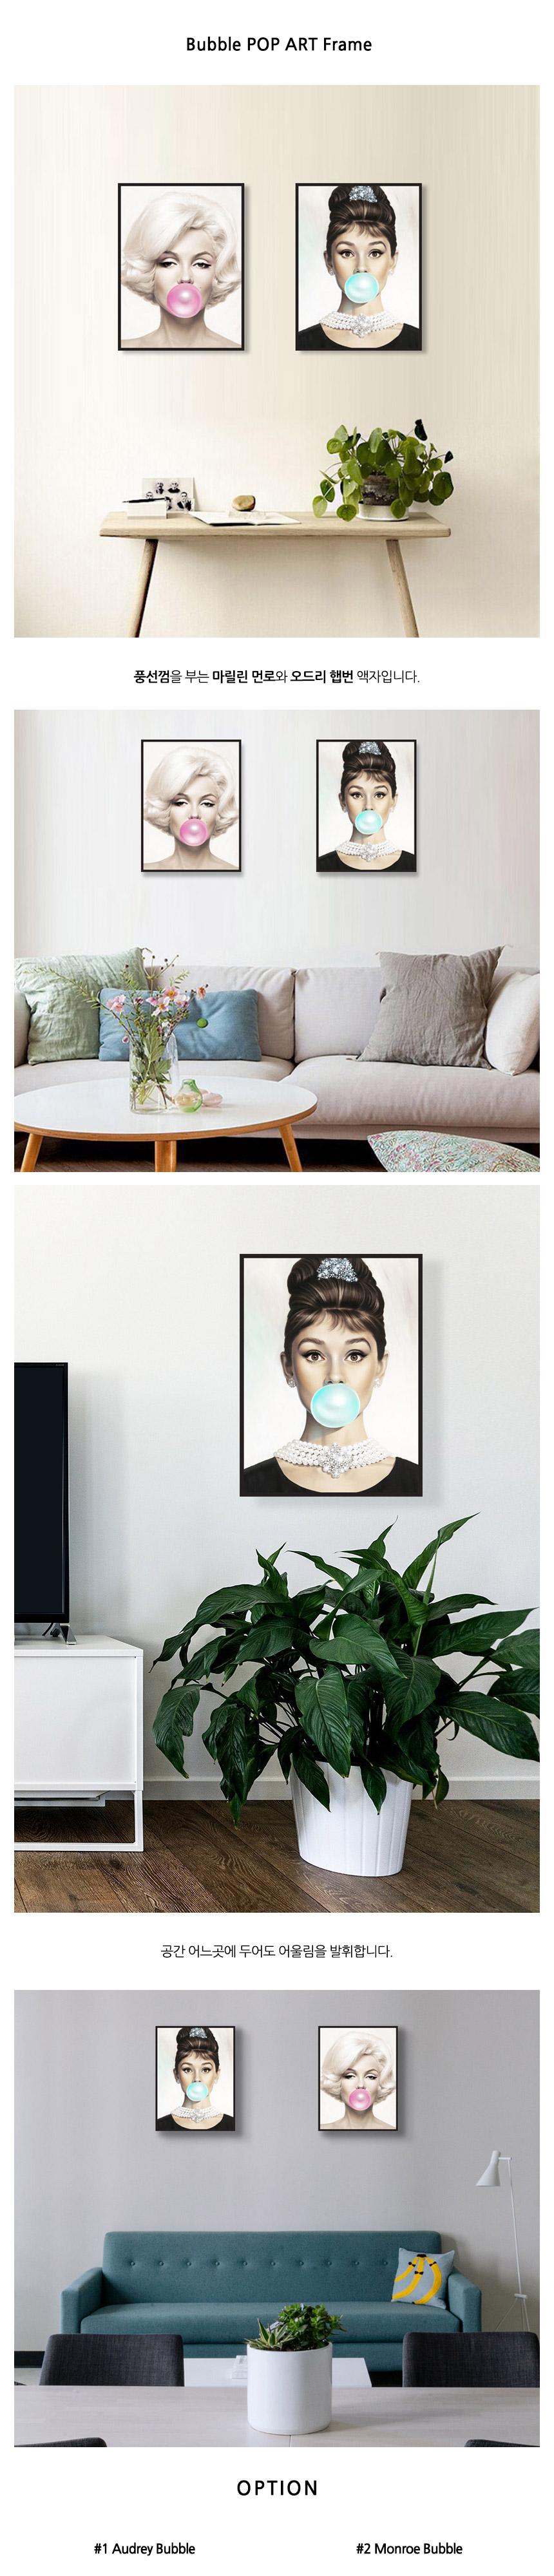 팝아트 풍선 액자 오드리햅번 마릴린 먼로 (30x40) - 매드30, 32,000원, 액자, 벽걸이액자